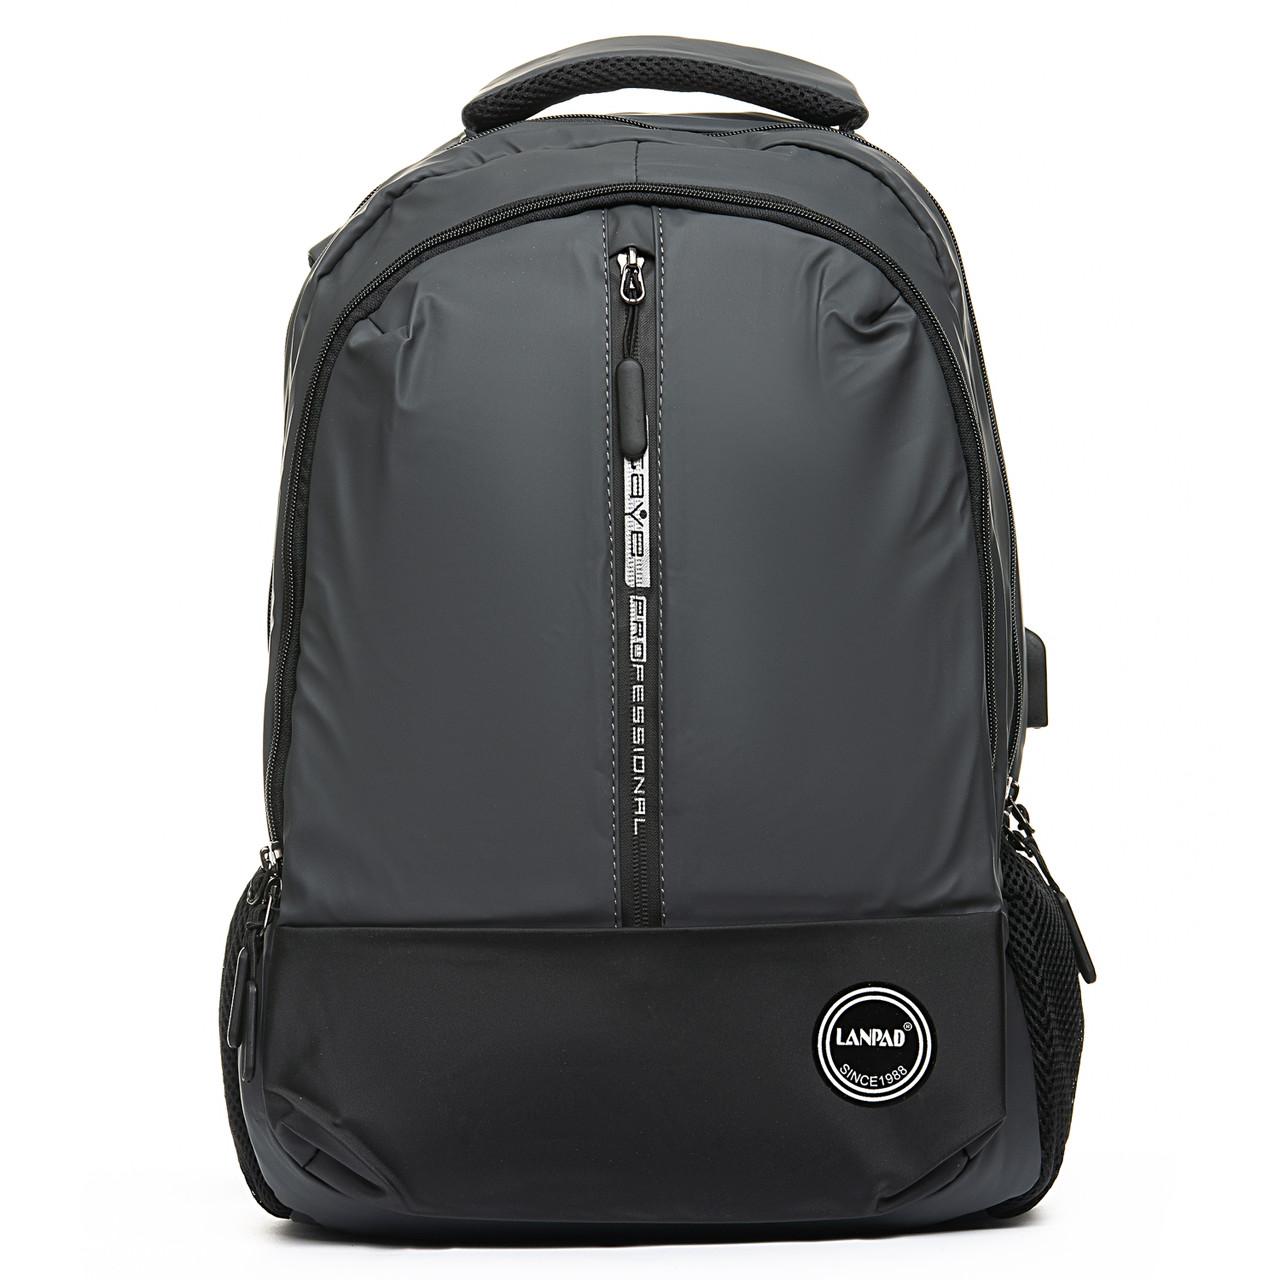 Рюкзак міський Lanpad 30 x 45 x 18 см Сірий (2216/3)